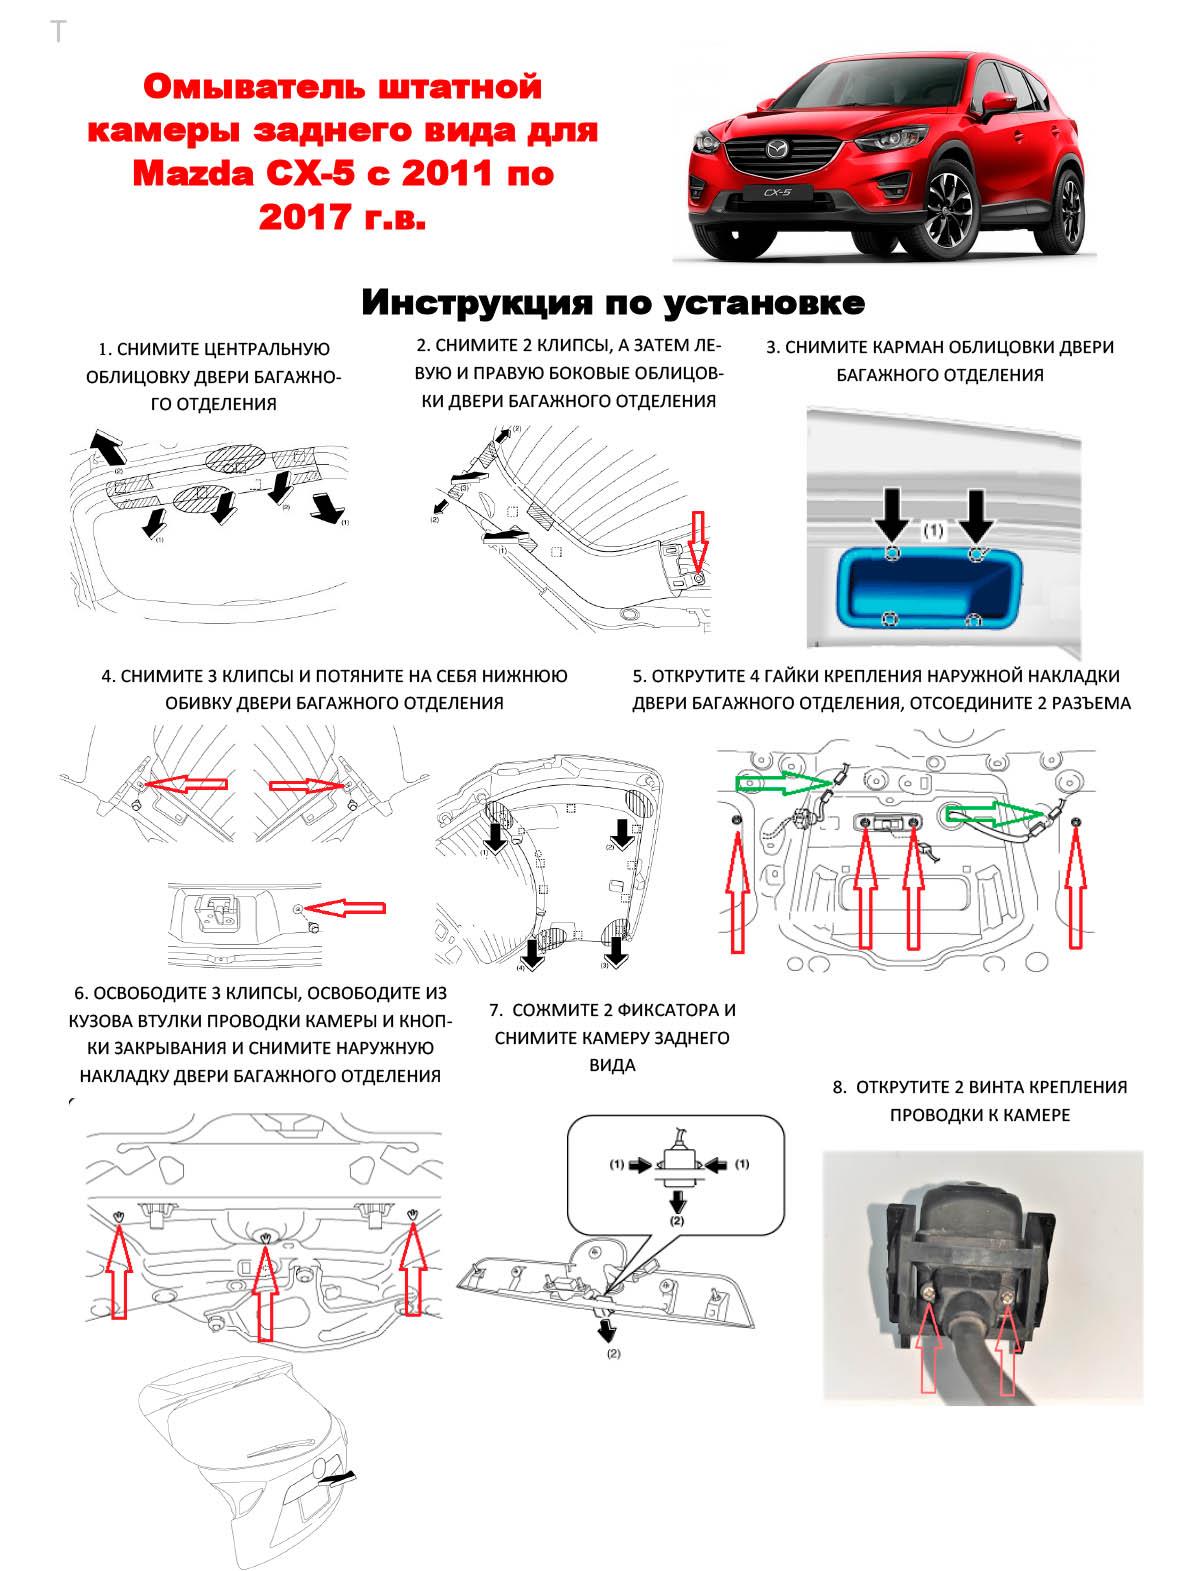 Инструкция по установке омывателя камеры заднего вида для Mazda CX-5 первого поколения